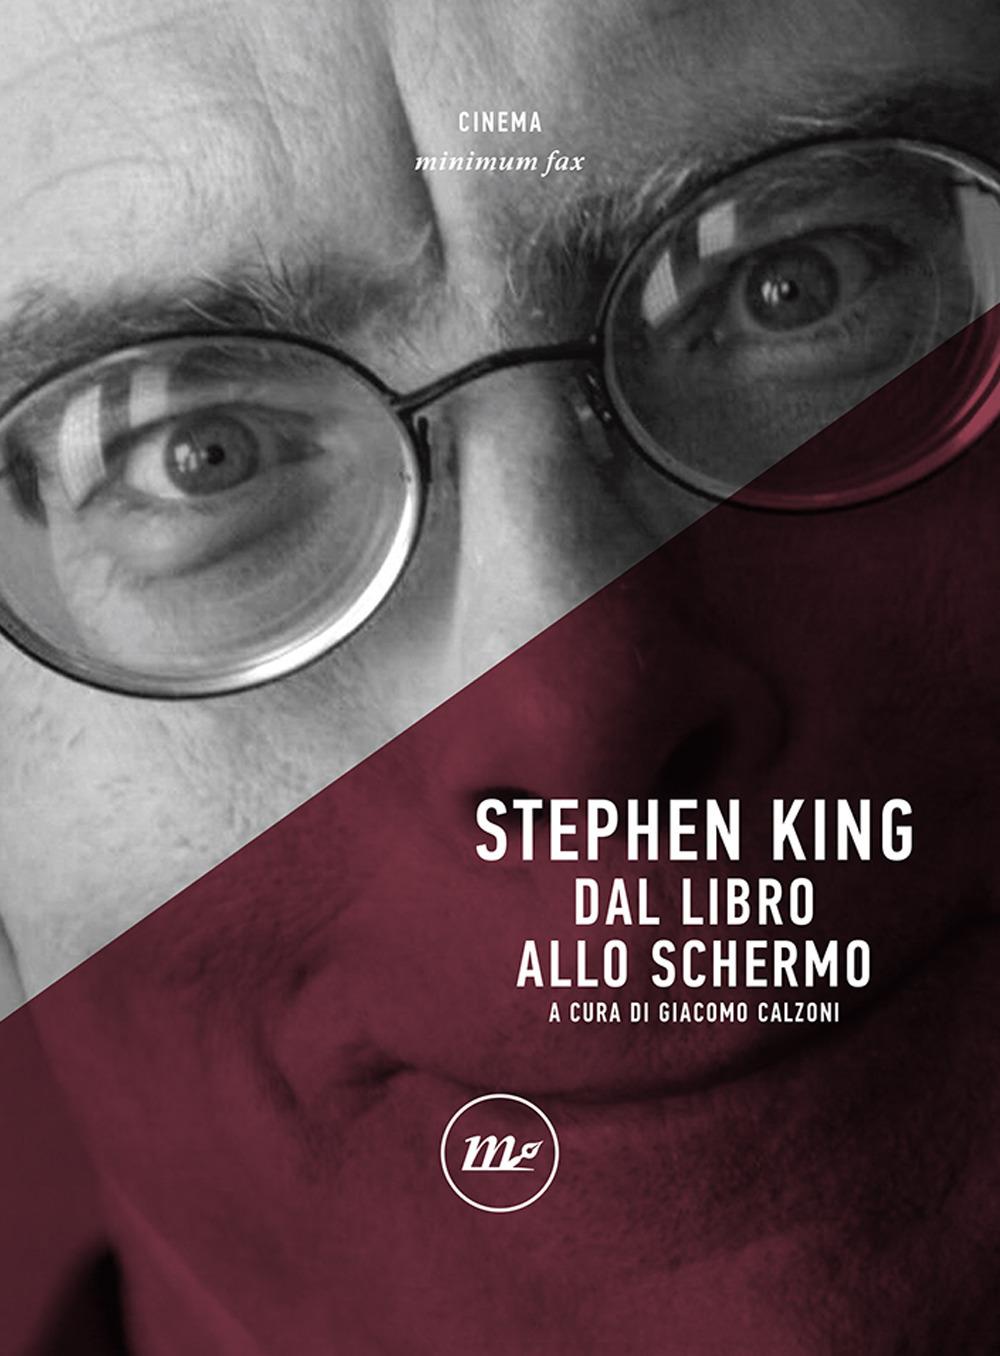 STEPHEN KING. DAL LIBRO ALLO SCHERMO - Calzoni Giacomo - 9788833891828